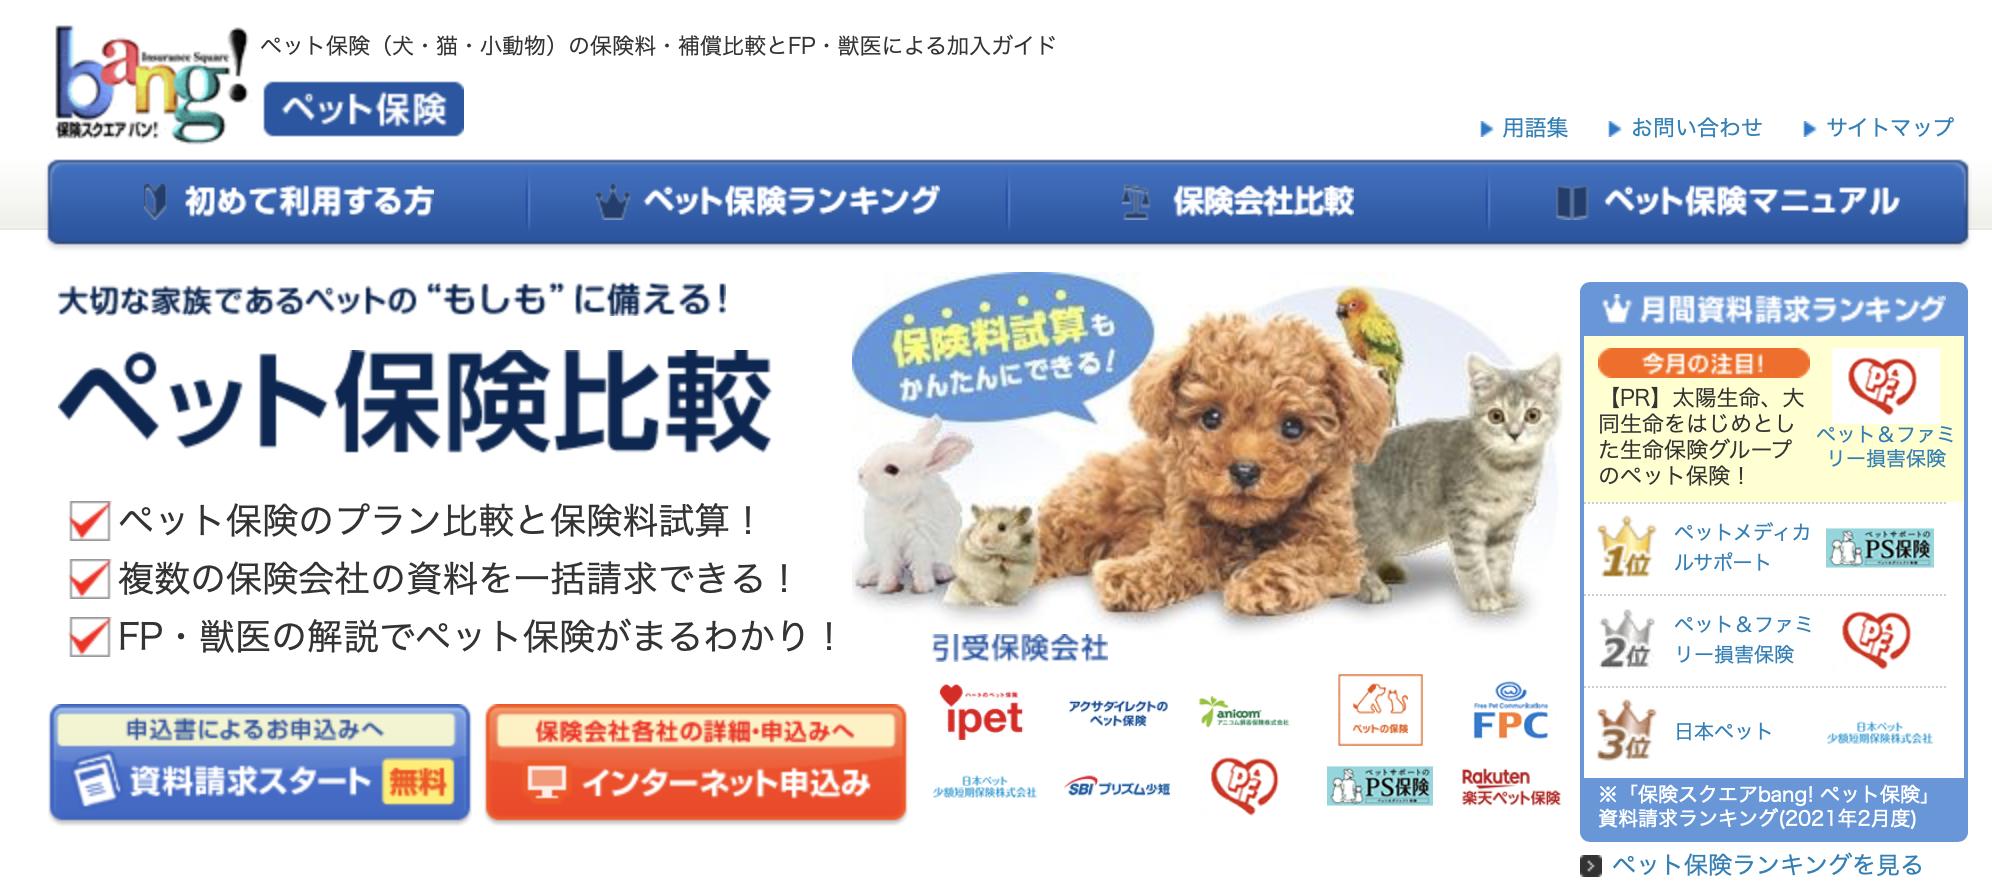 ペット保険比較サイト【保険スクエアbang! ペット保険】